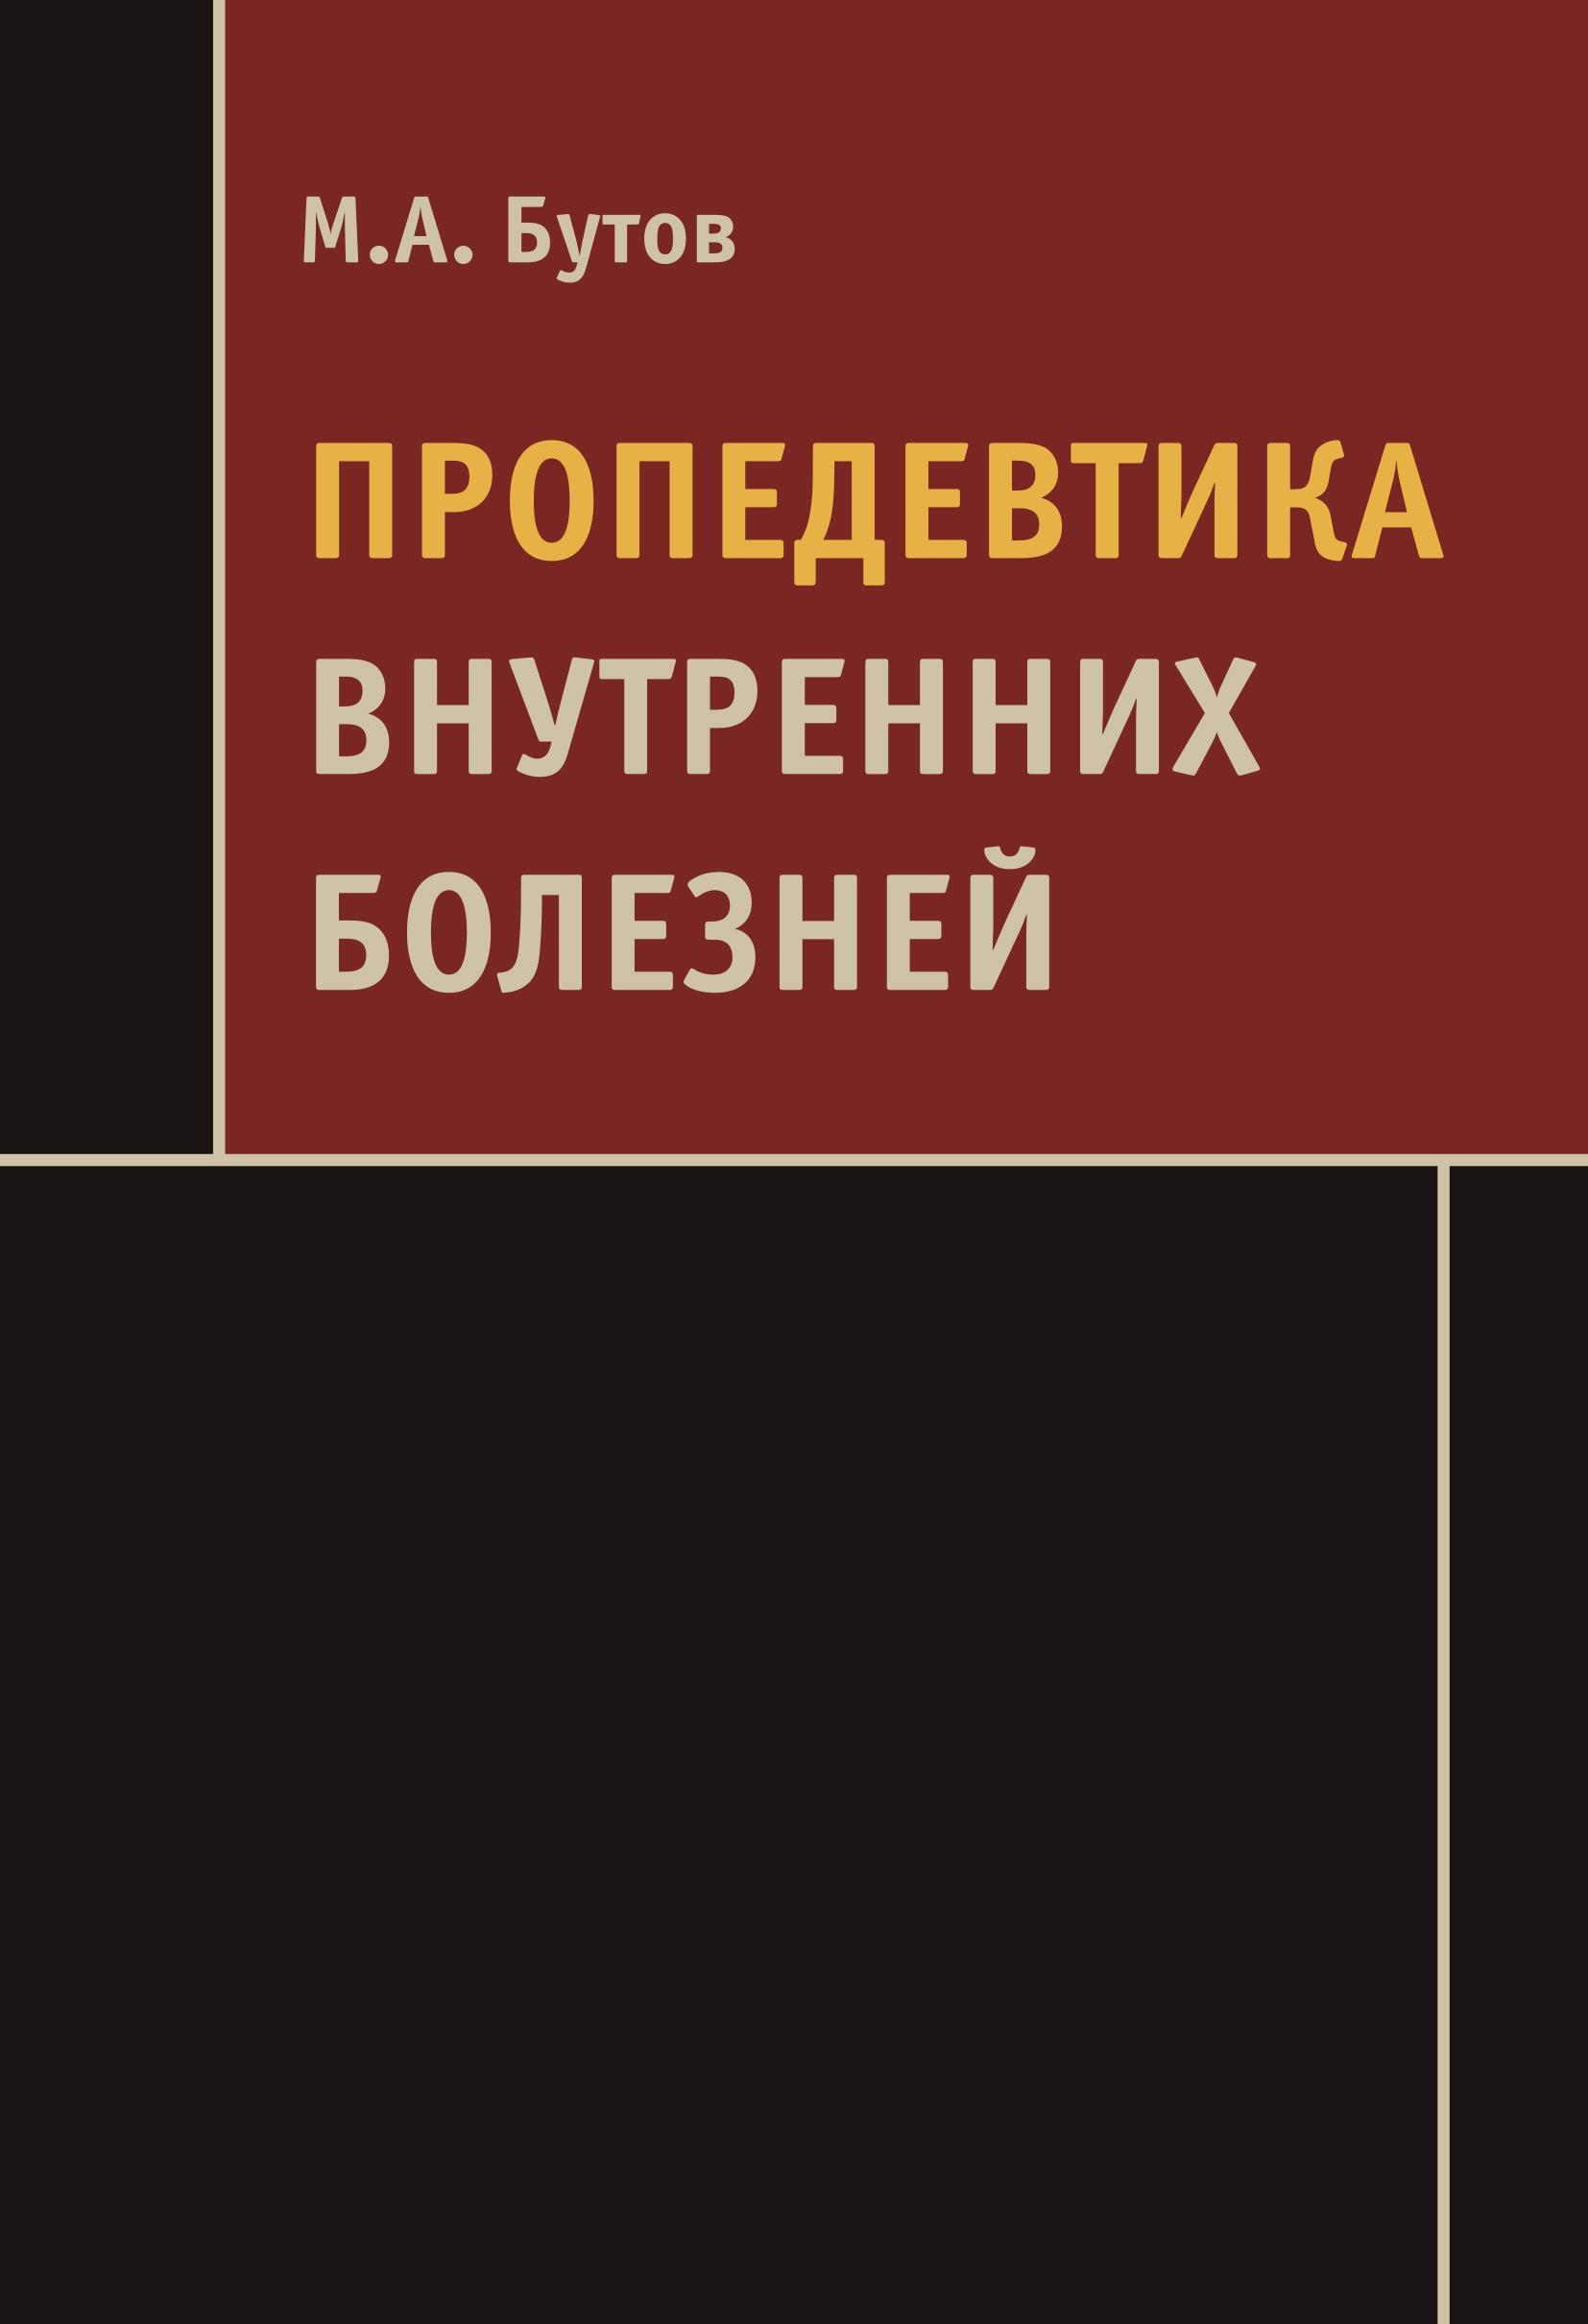 Михаил Бутов Пропедевтика внутренних болезней